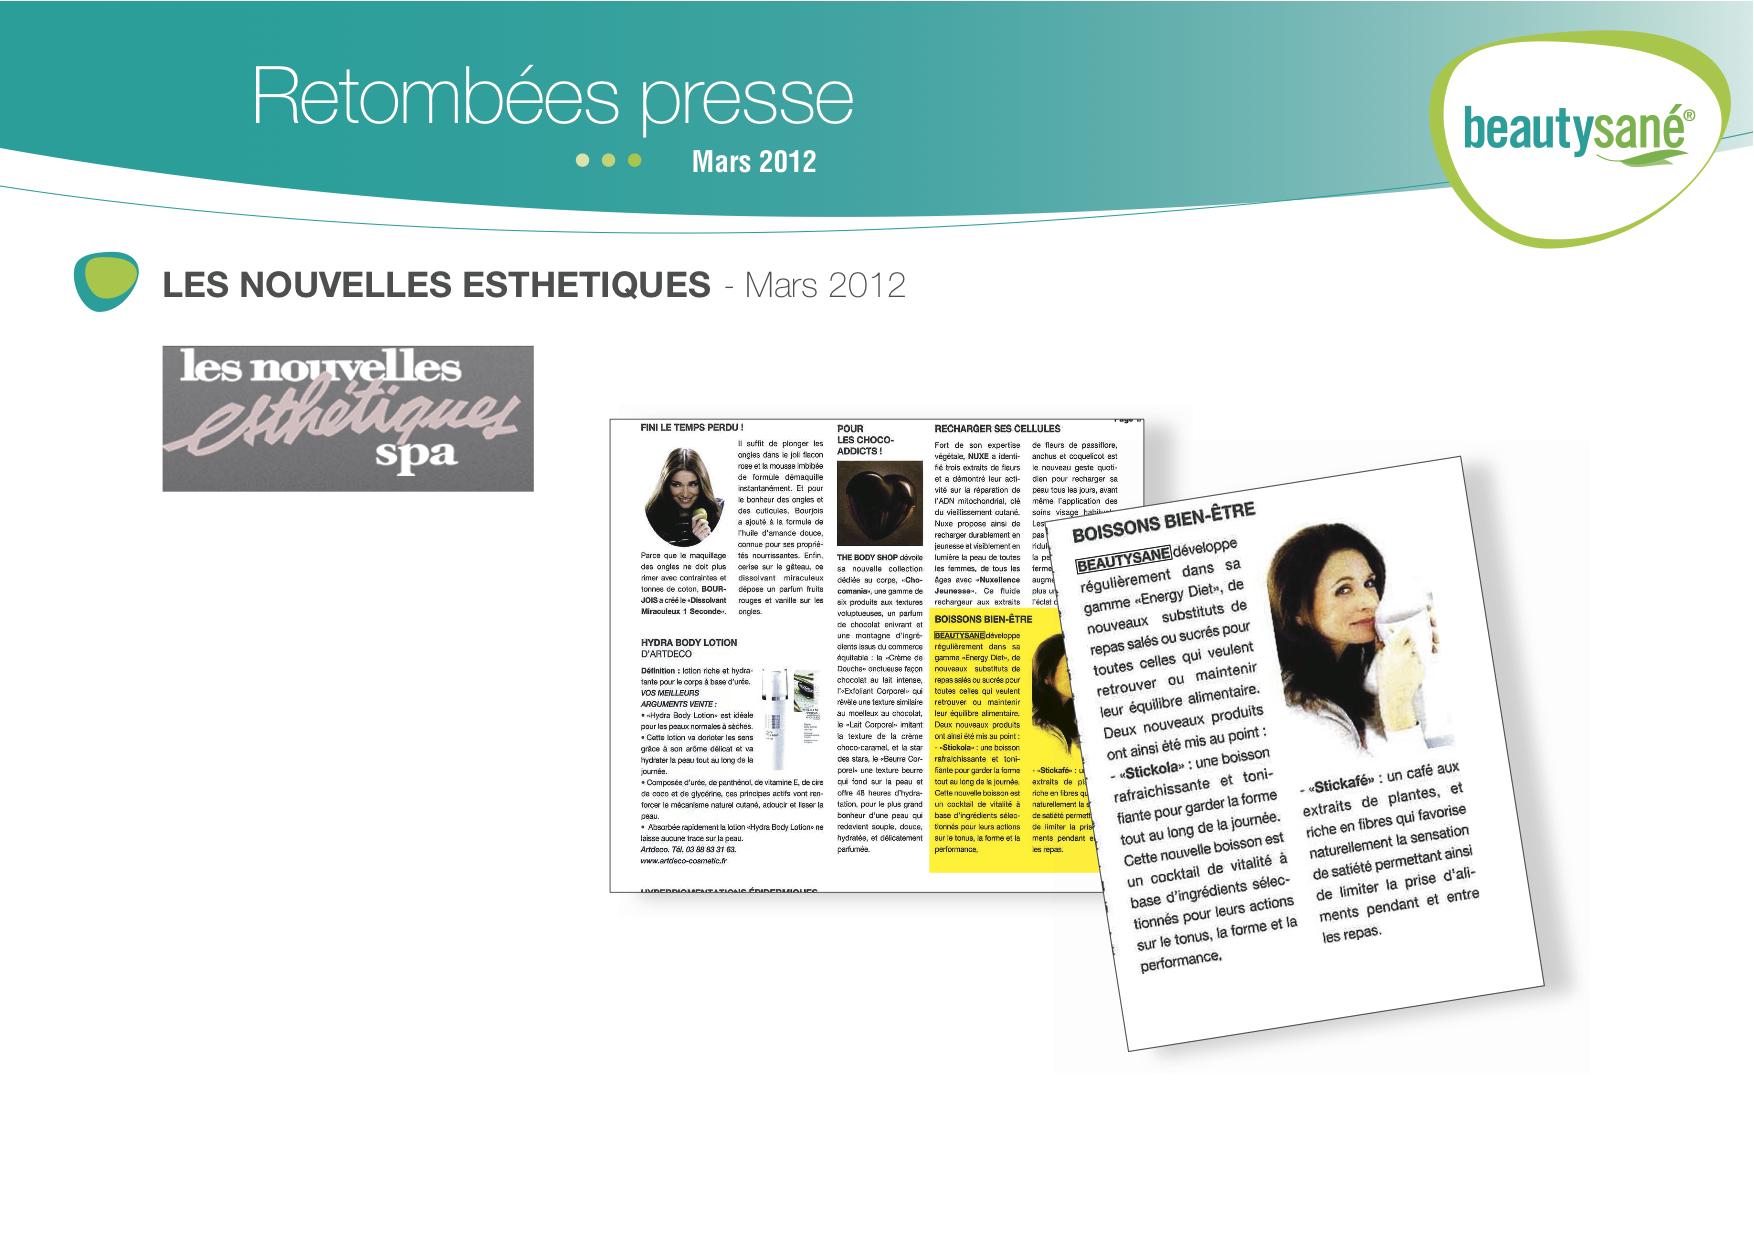 rp_bs-mar2012-nouvelles-esthetiques